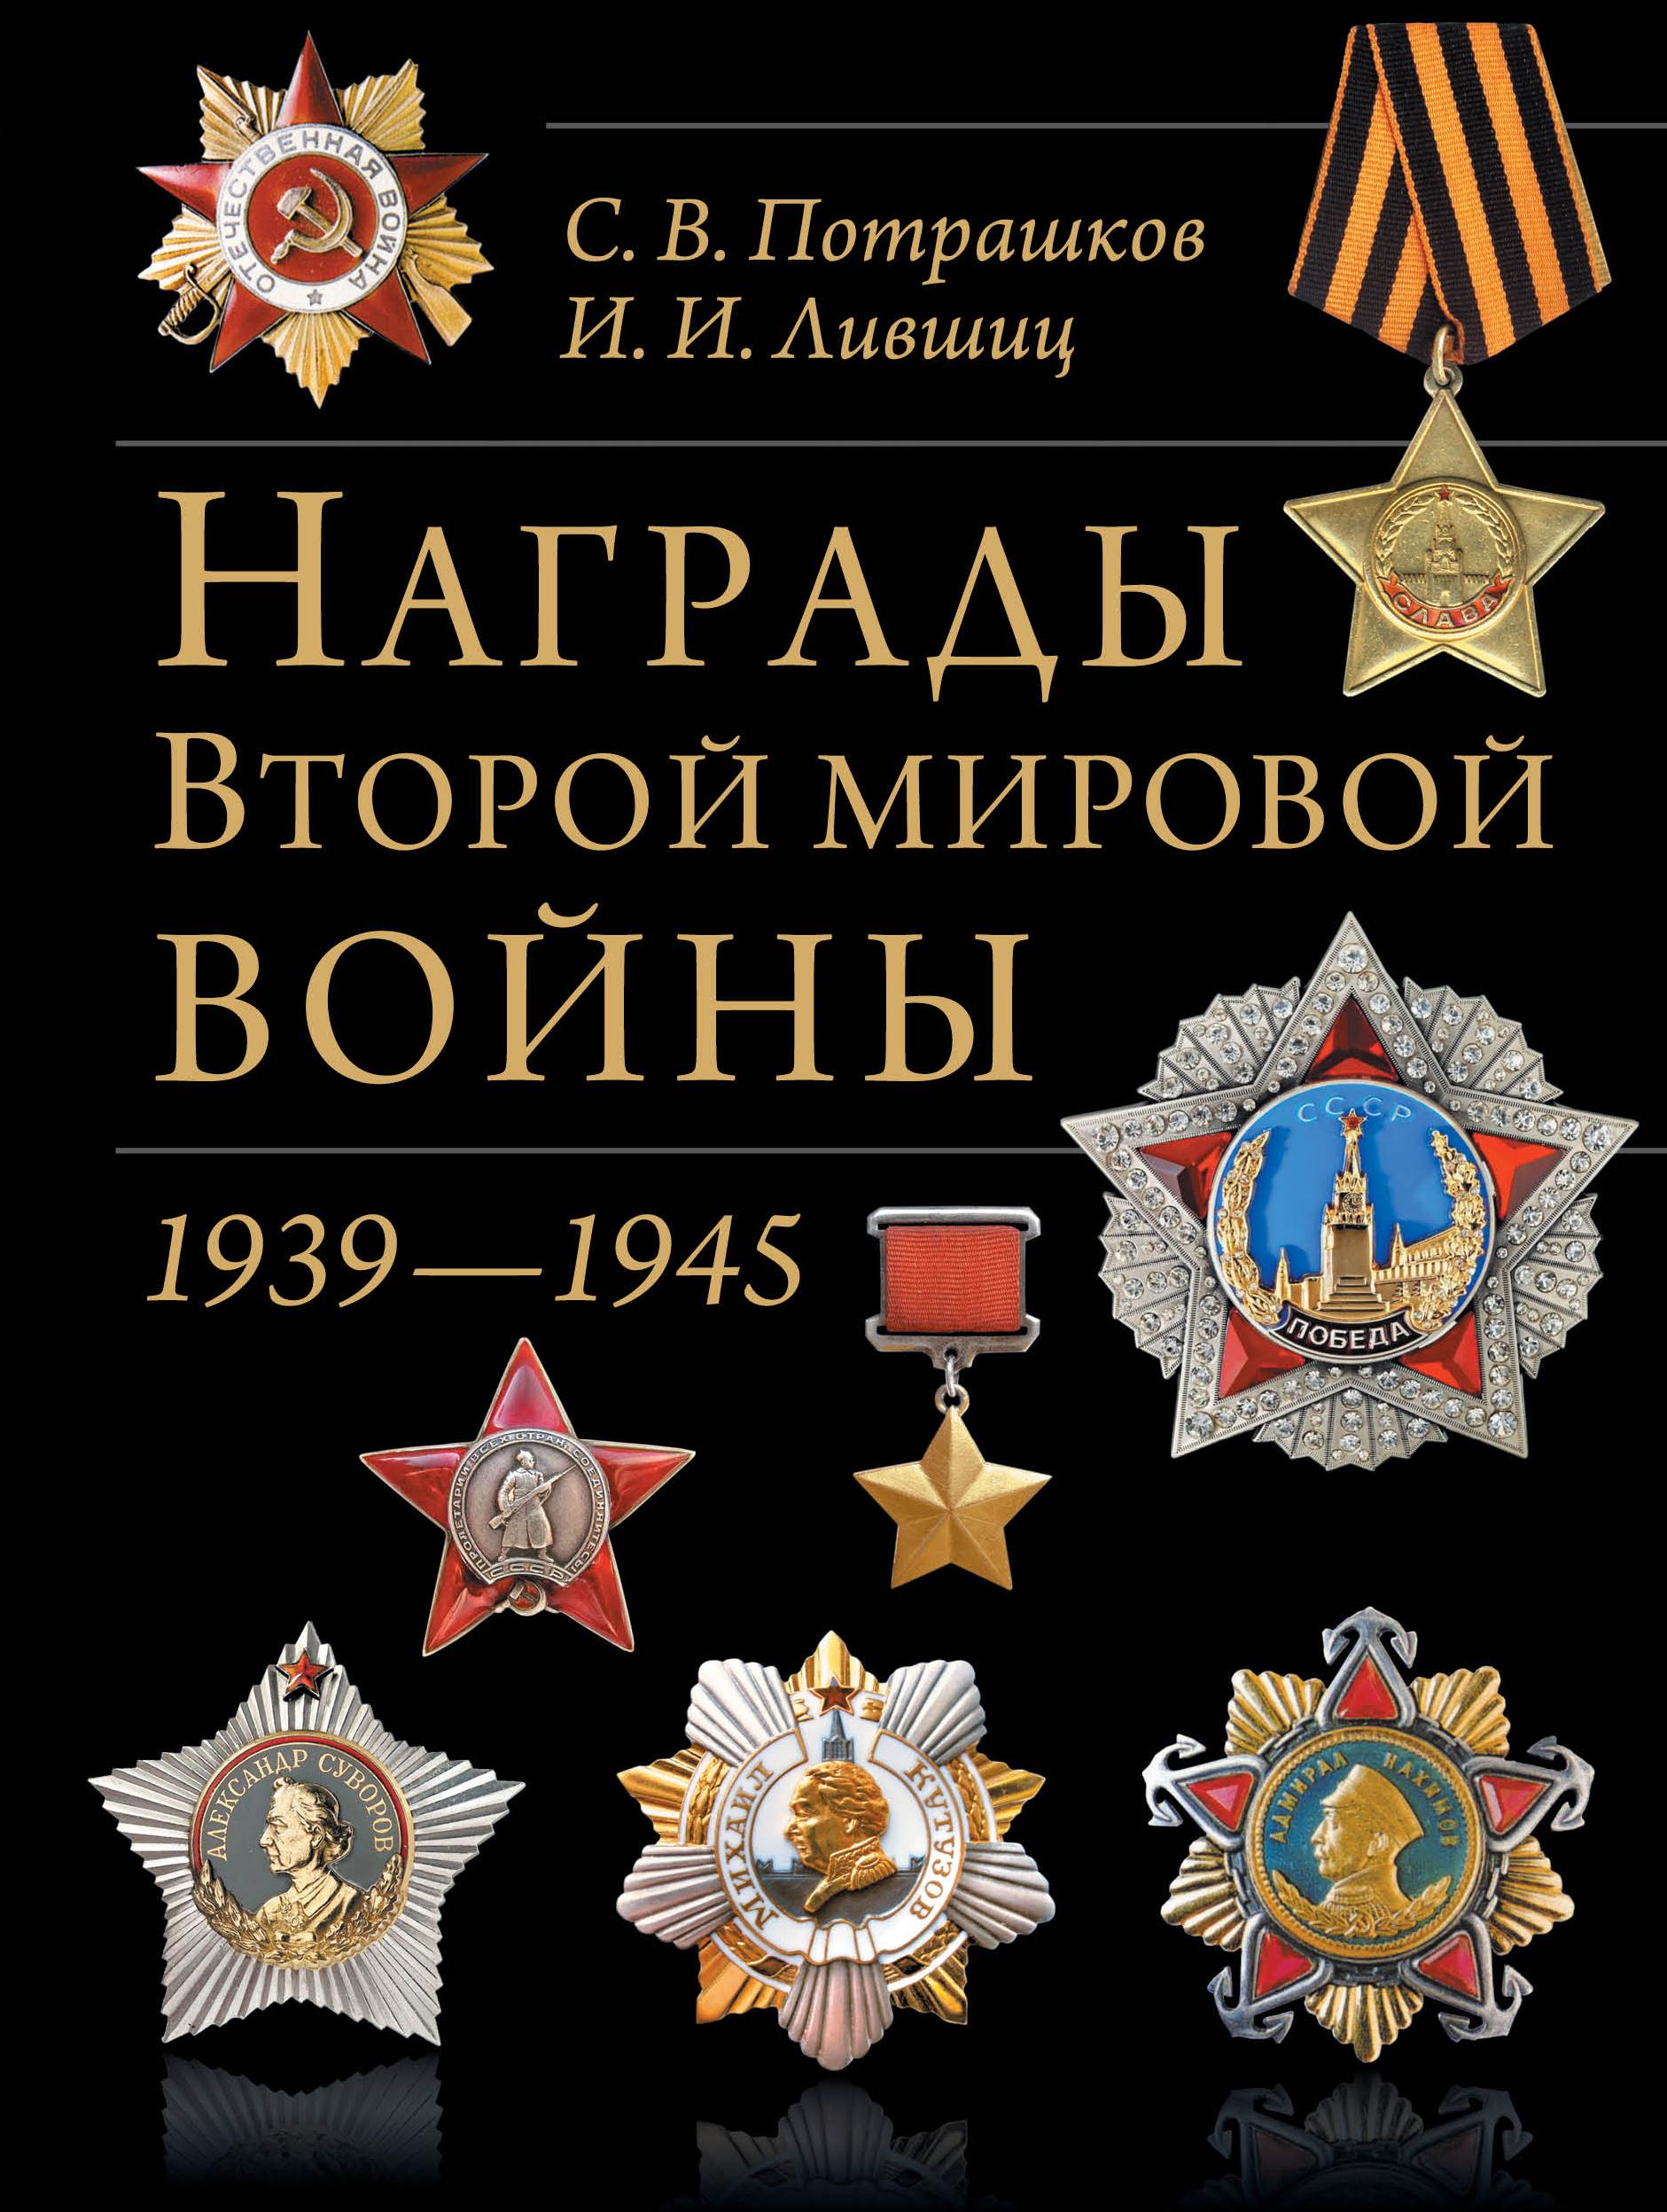 Награды Второй мировой войны(обновленное и сокращенное) ( Потрашков С.В., Лившиц И.И.  )